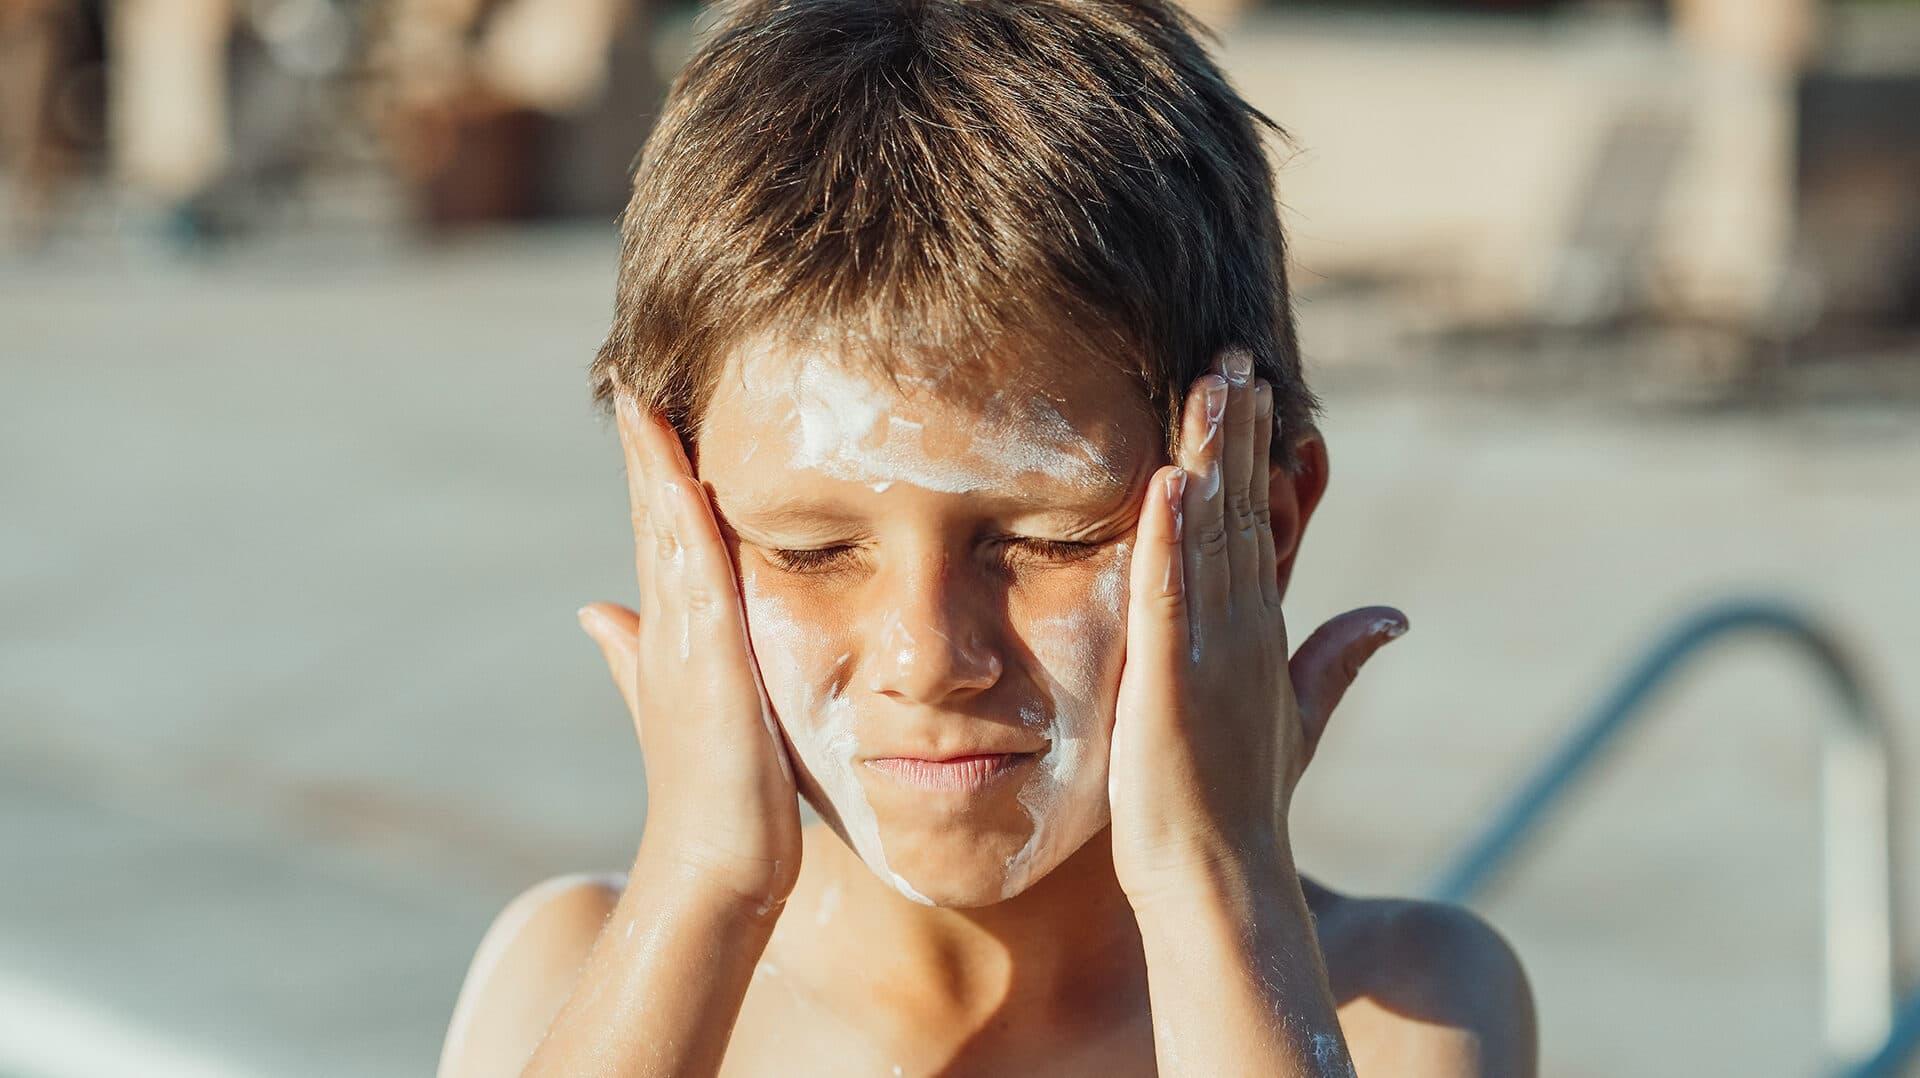 Junge verteilt Sonnencreme in seinem Gesicht